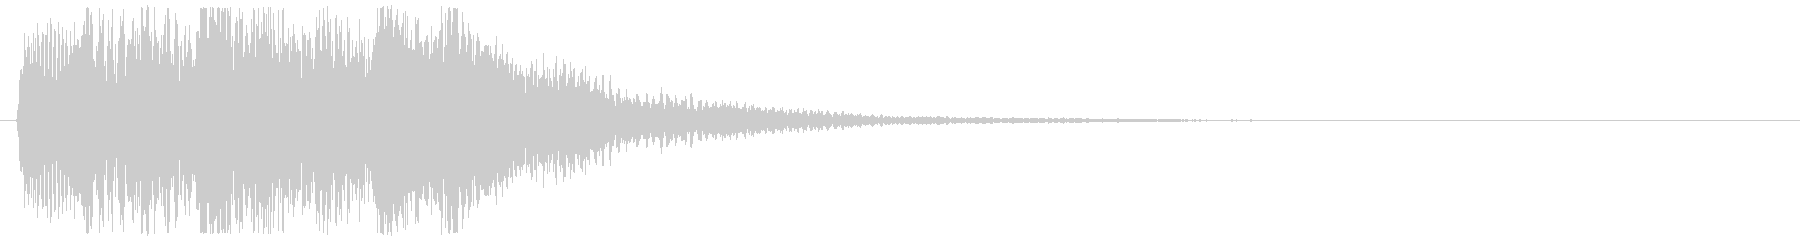 ピアノ ミステリアス上昇音 不安 不穏の未再生の波形